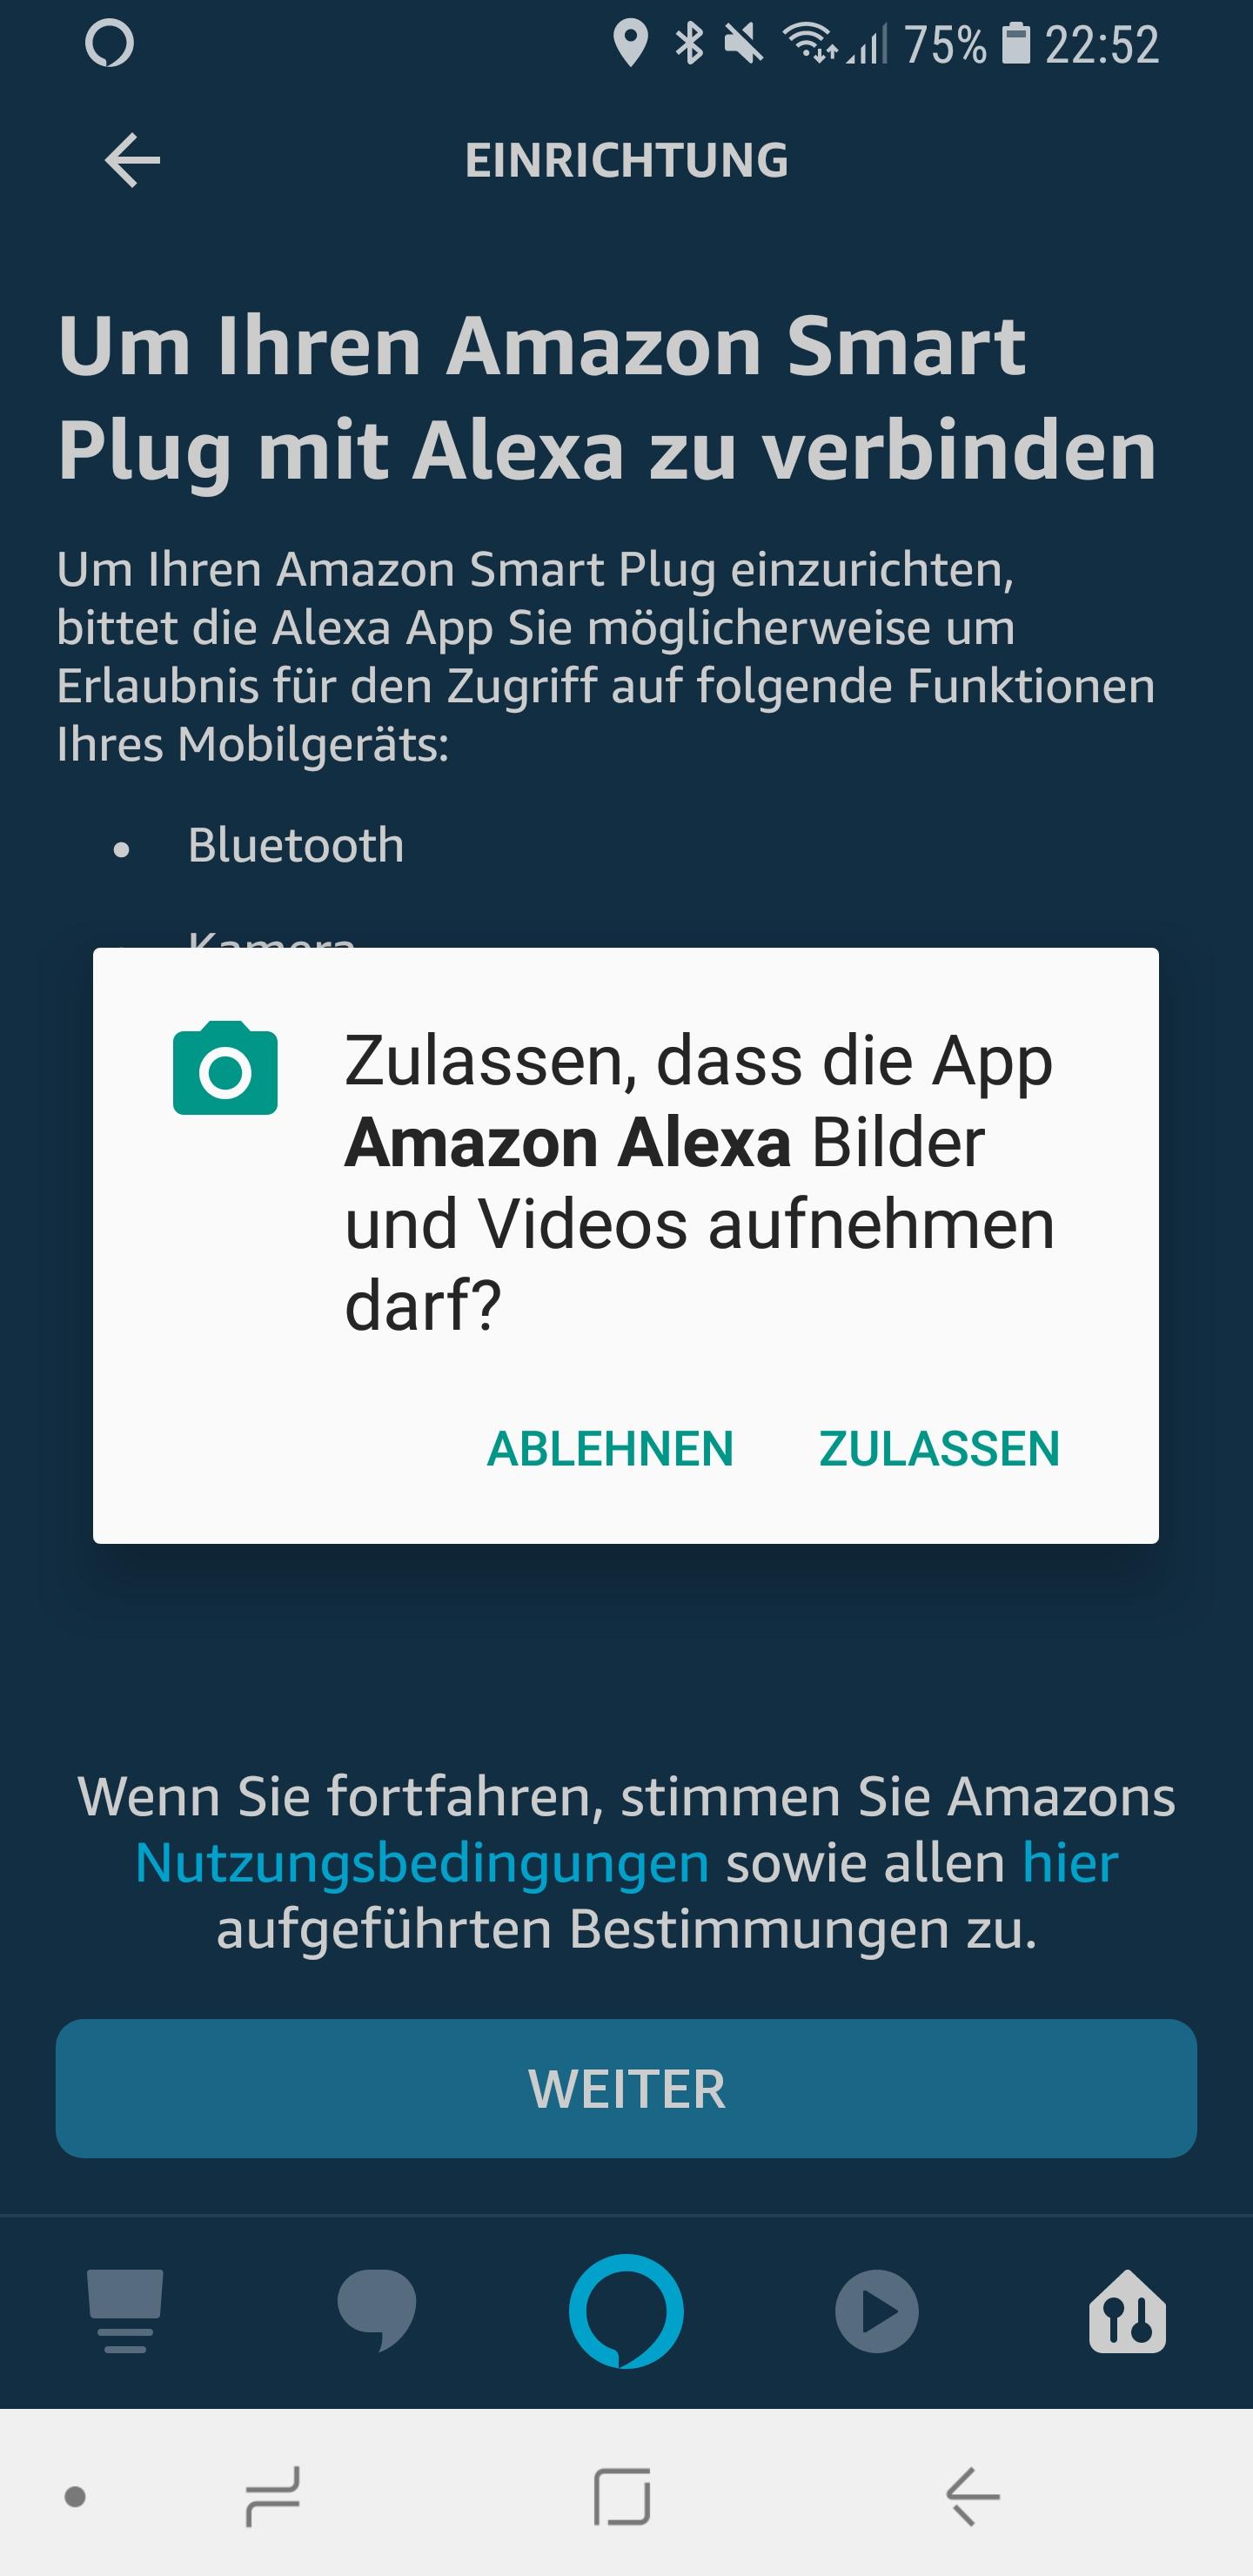 Amazon-Smart-Plug-einrichten-06